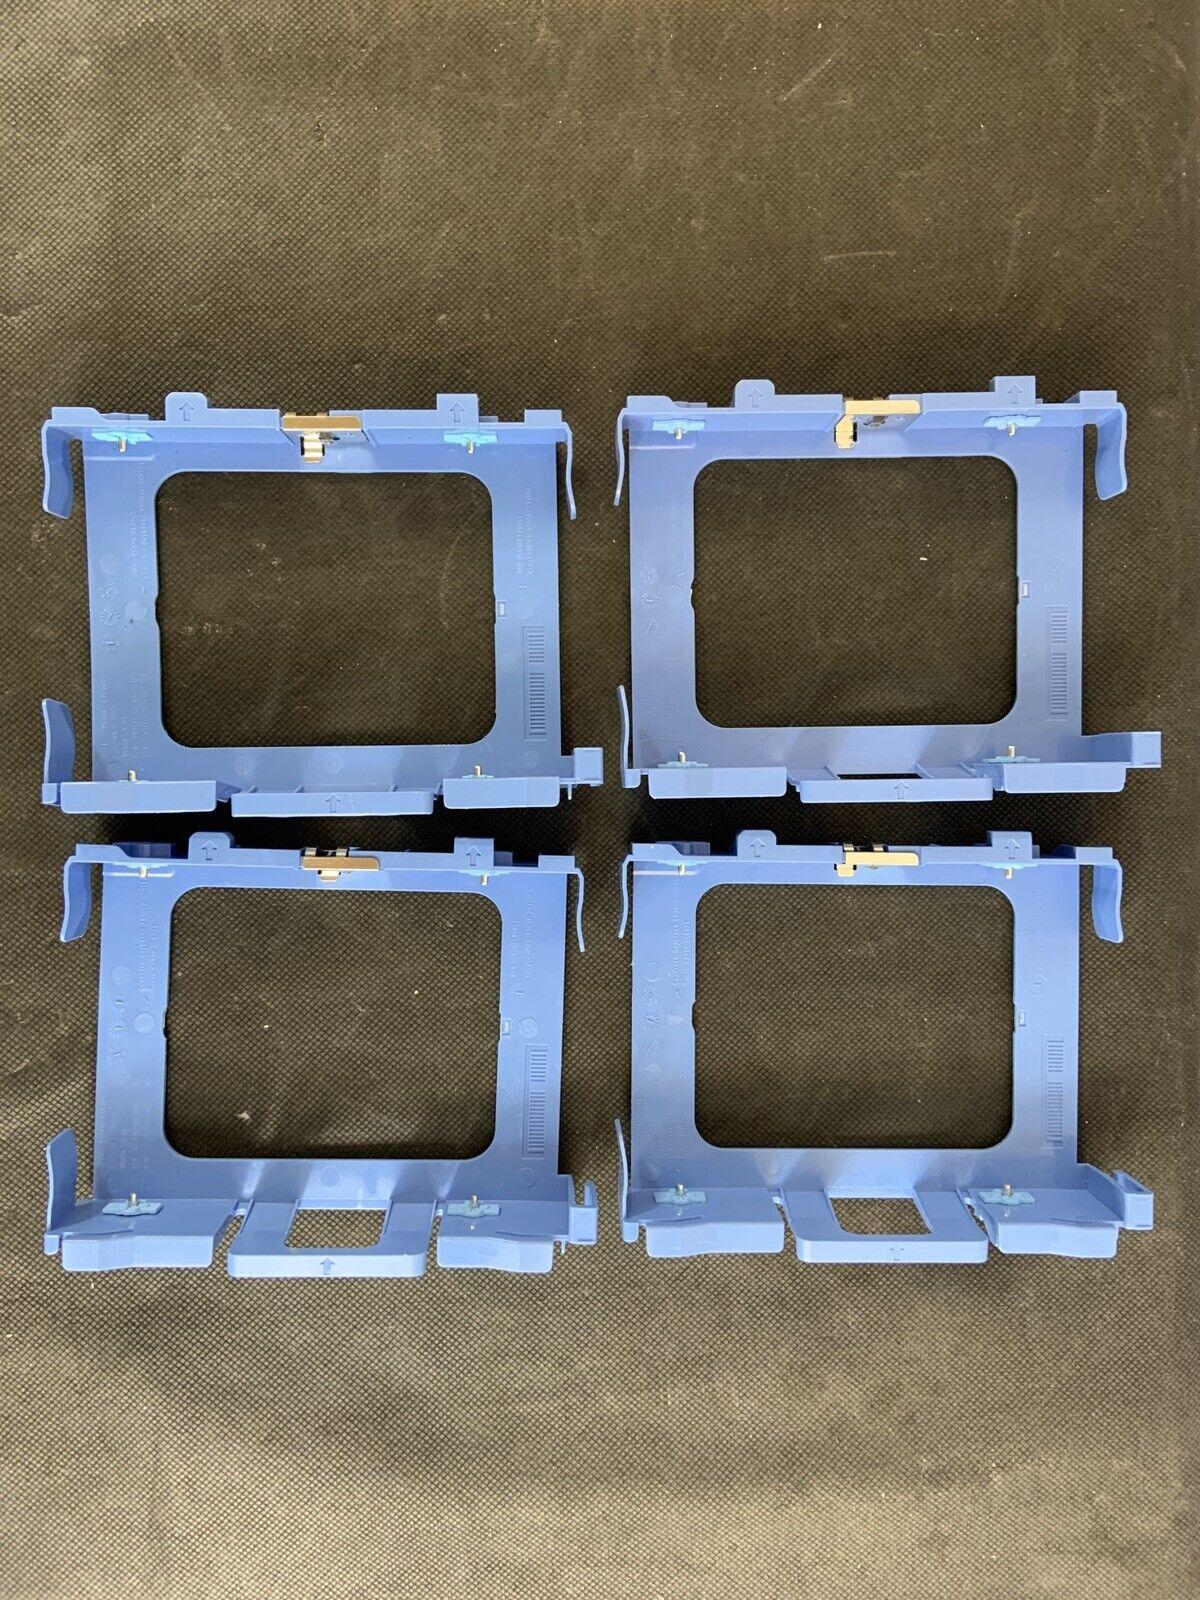 **Lot of 5** Covestro Bayblend FR3010-500197 HDD Caddy Sabic C2950-BL6025